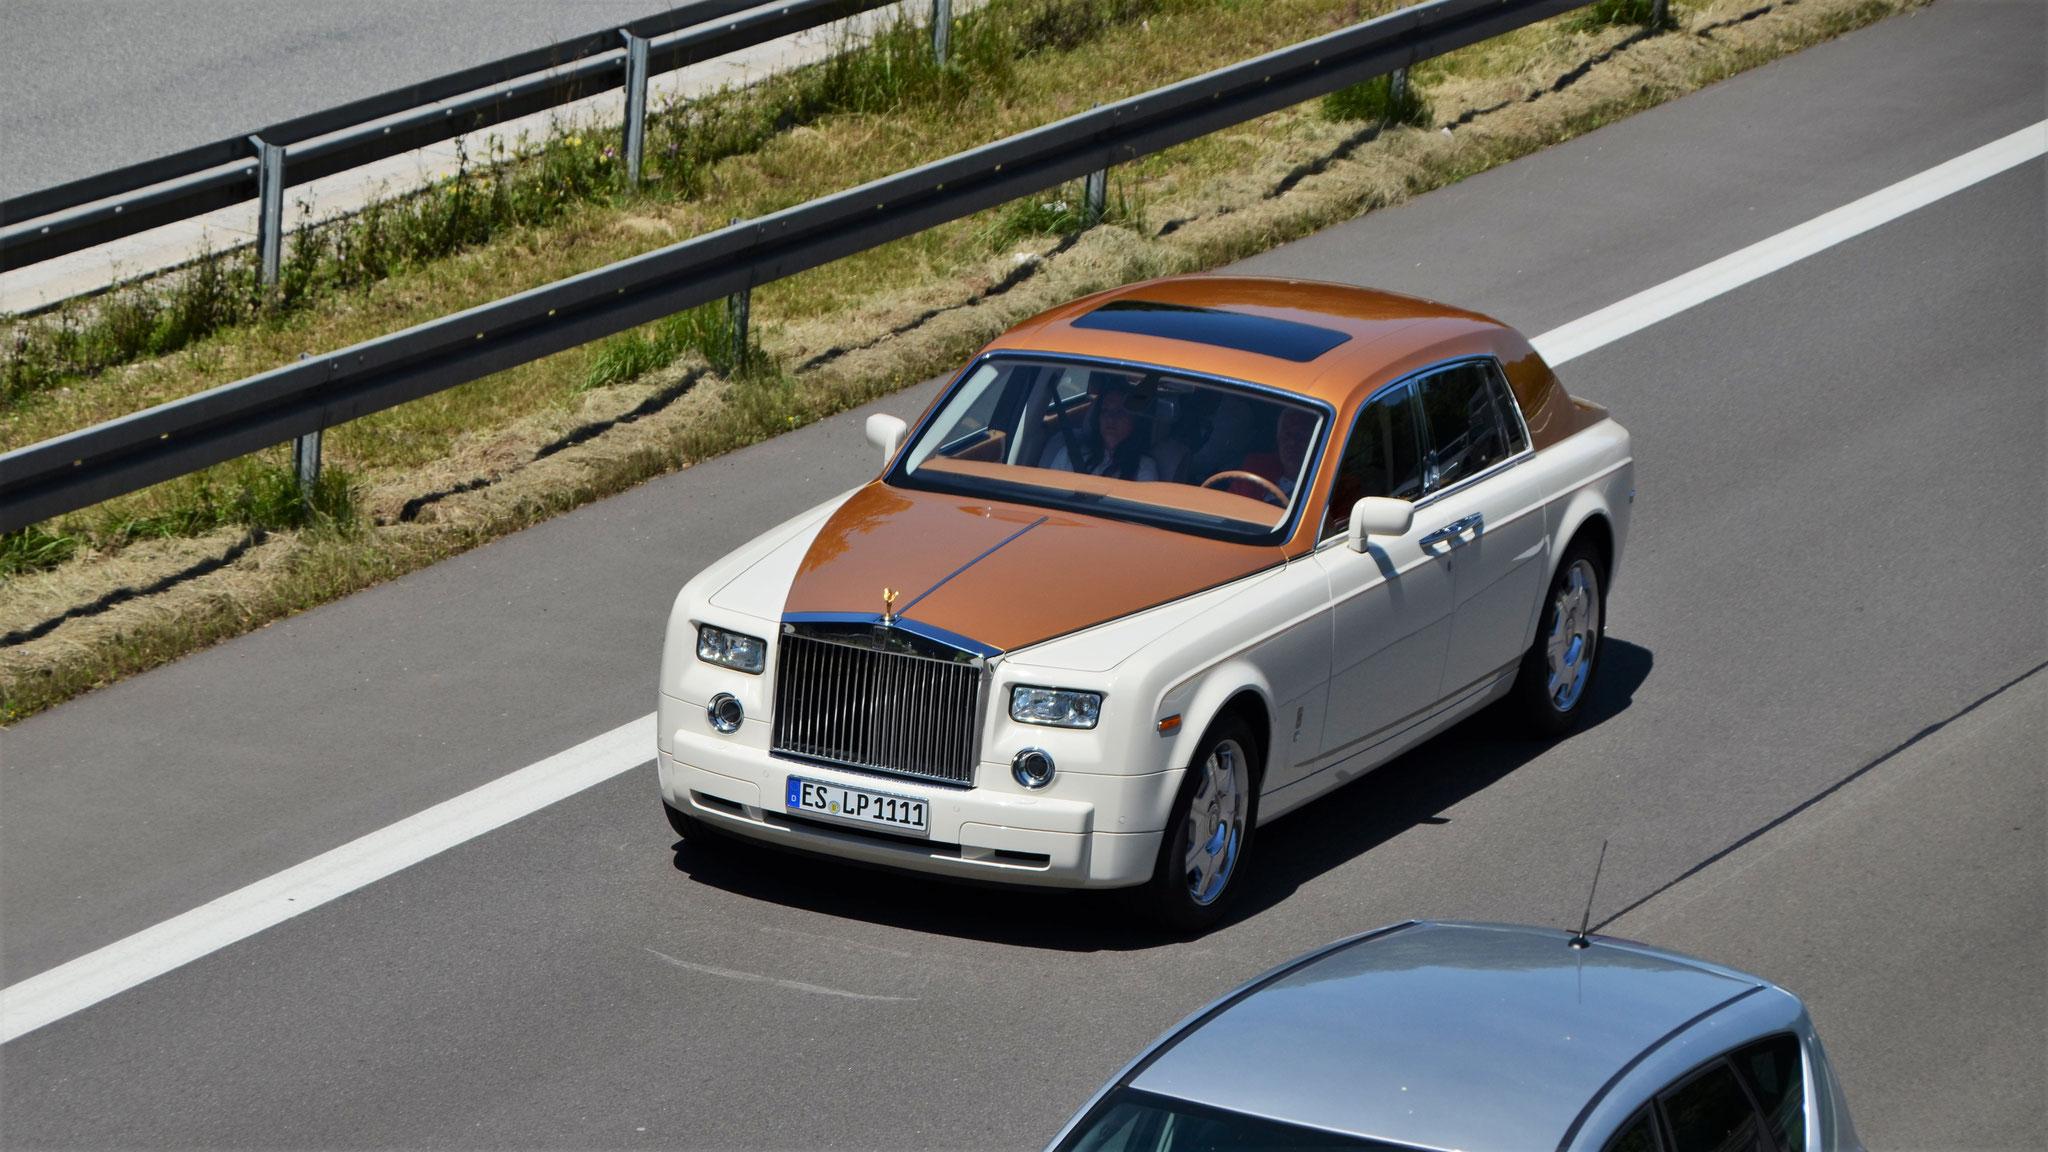 Rolls Royce Phantom - ES-LP-1111